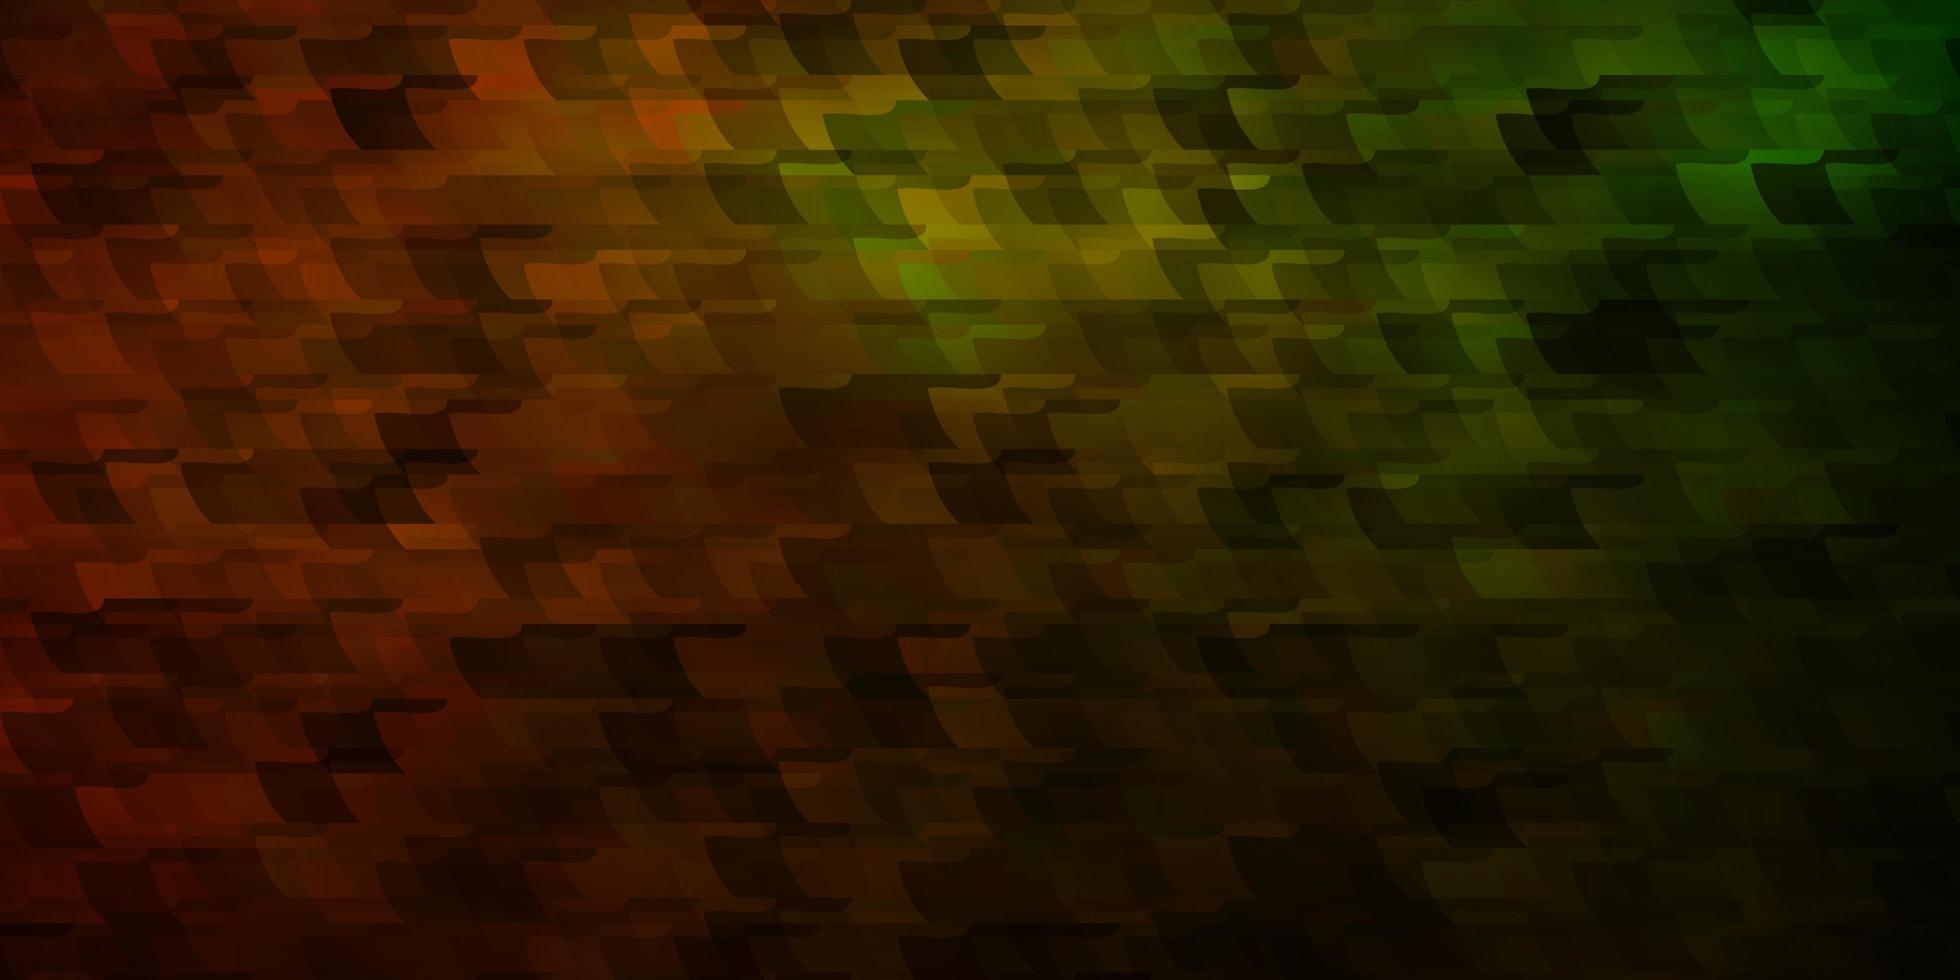 fond vert foncé, jaune avec des rectangles. vecteur